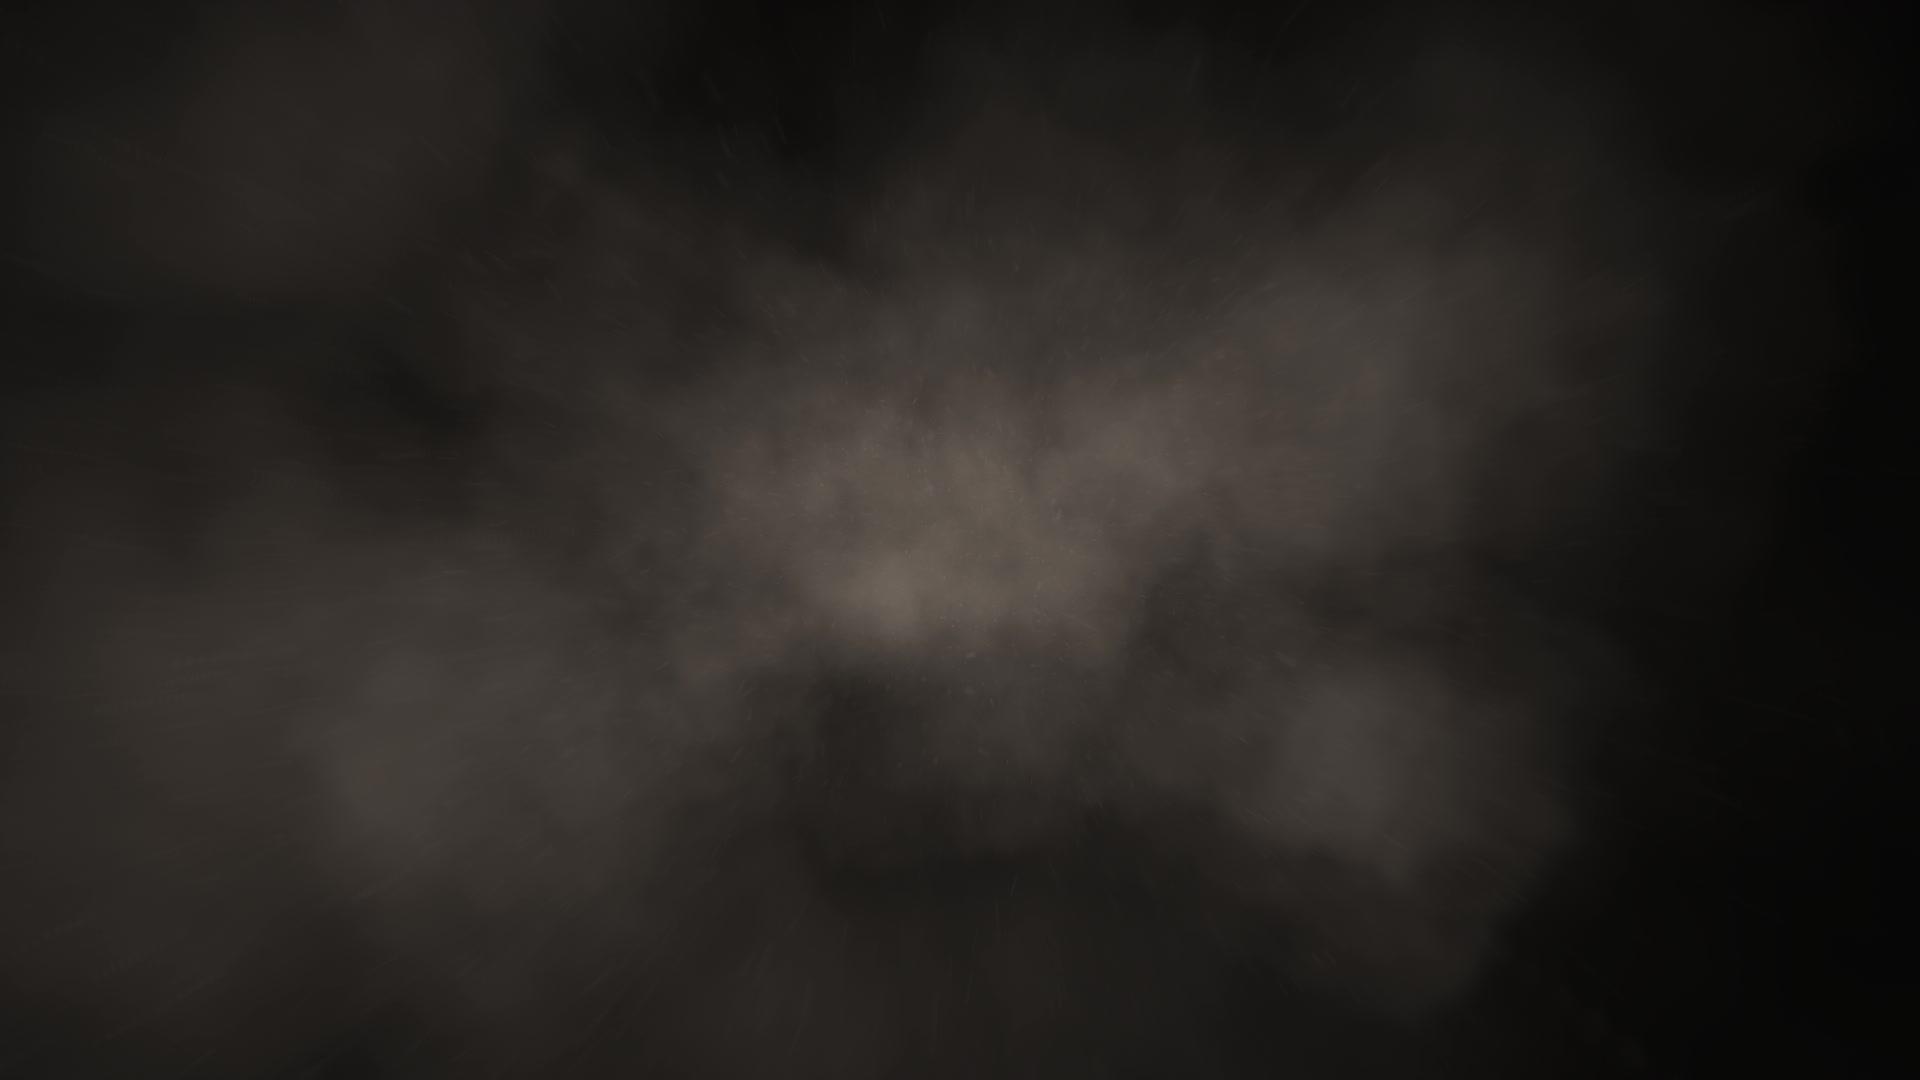 matte black 1080p wallpaper